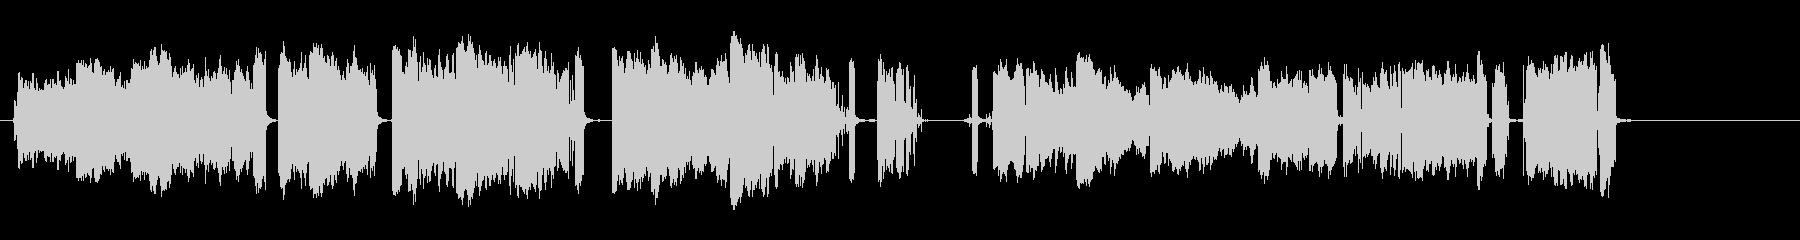 電気アーク3;安定したスパークのオ...の未再生の波形